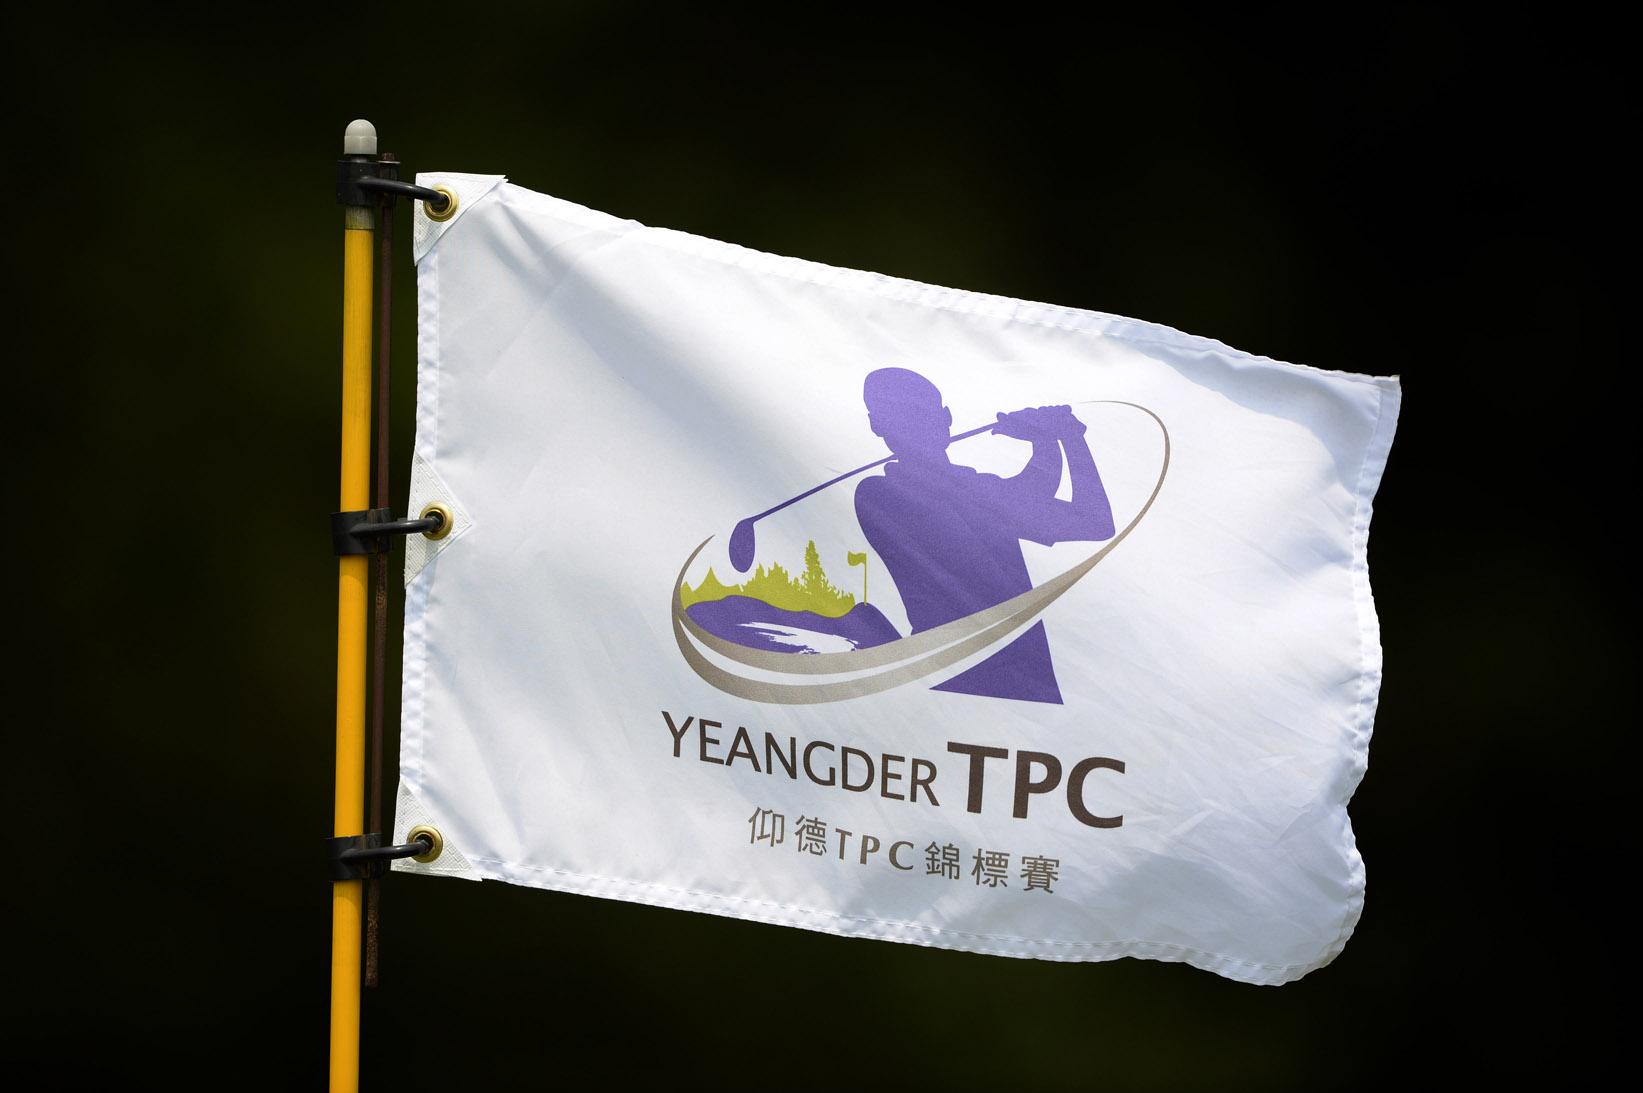 Yeangder Tournament Players Championship 2014